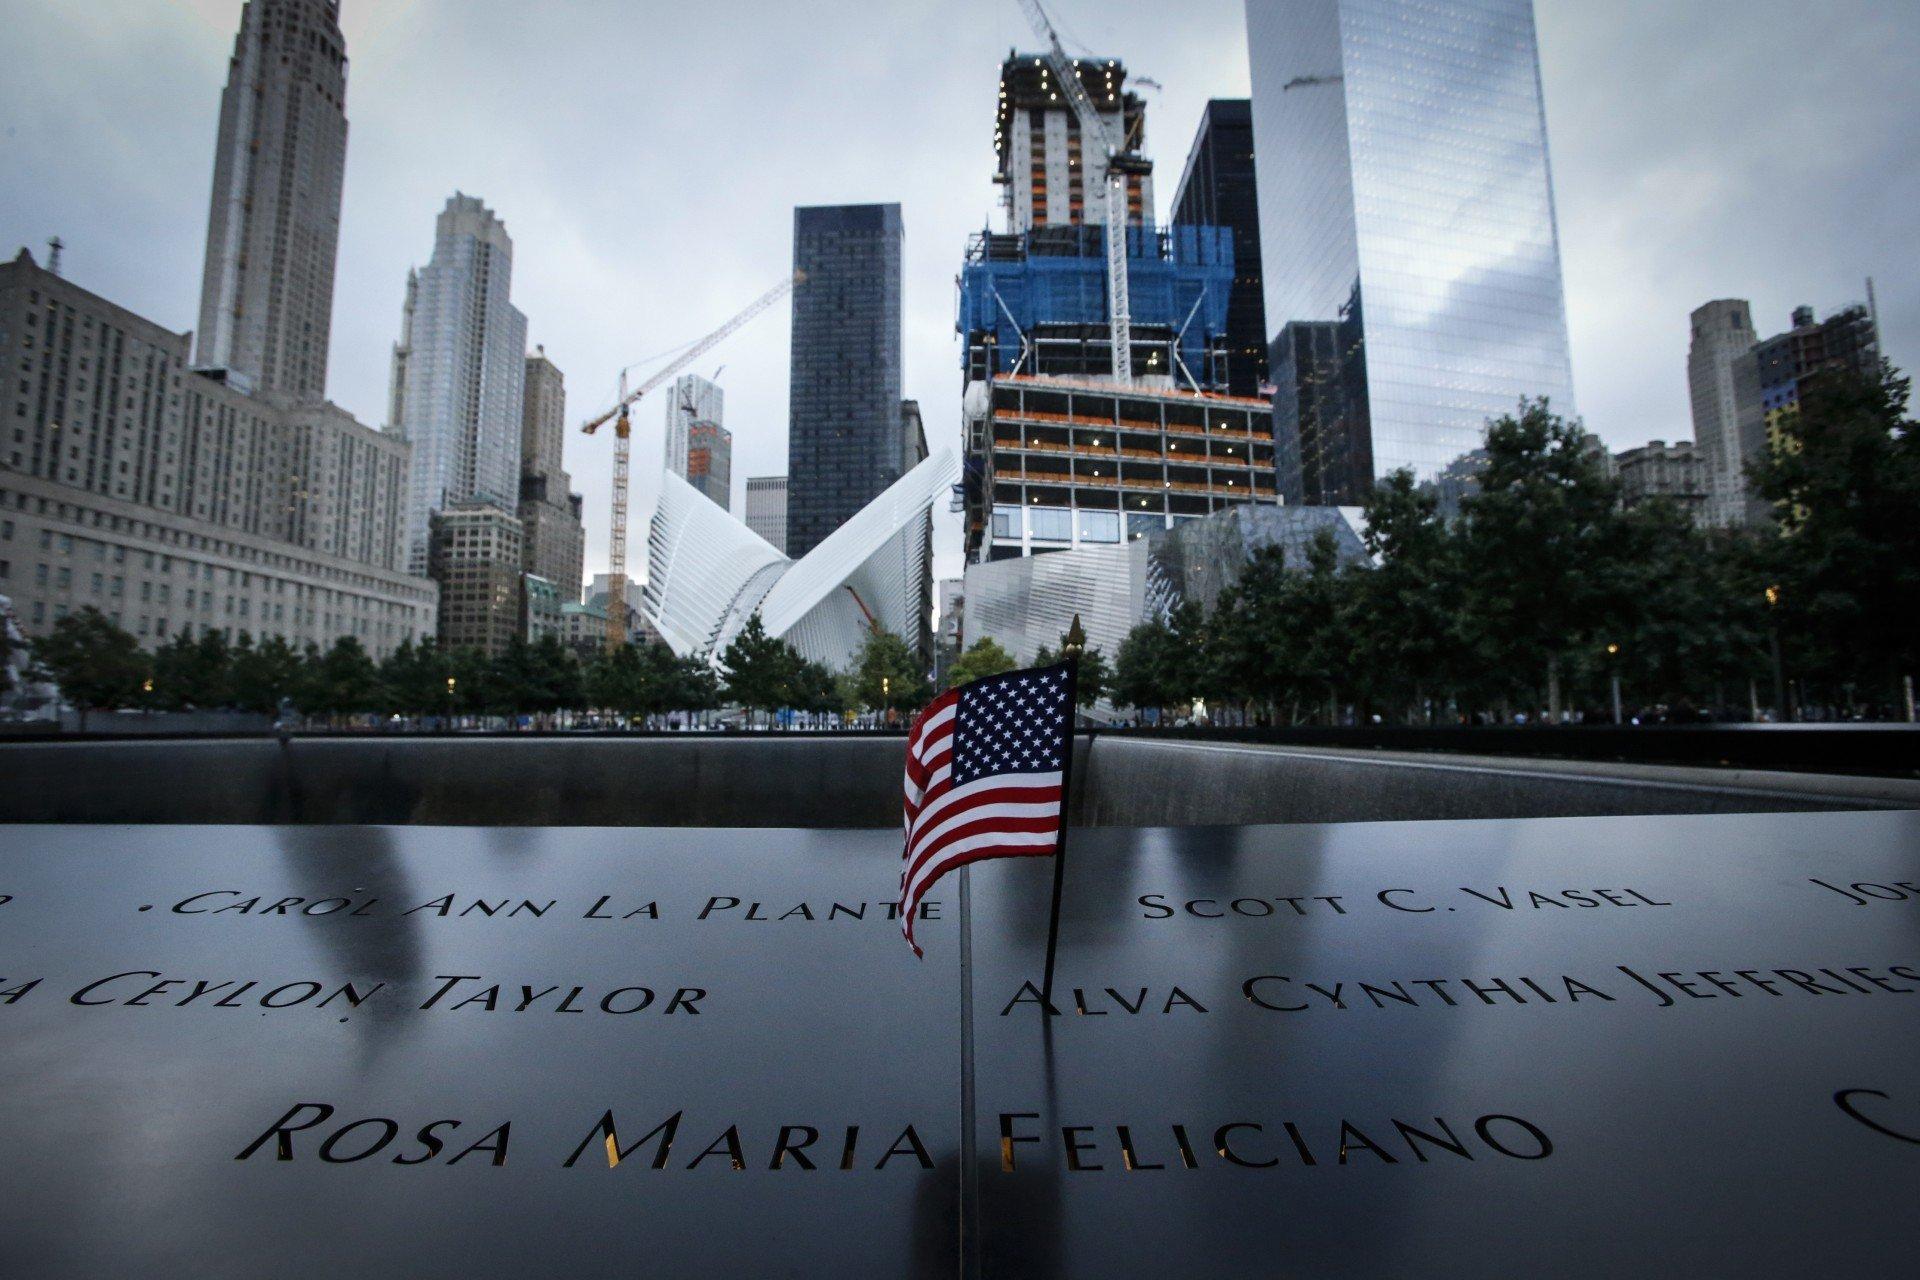 Obama decreta tr�s dias de ora��es em homenagem �s v�timas de atentado -  Obama decreta tr�s dias de ora��es em homenagem �s v�timas de atentado -  Mundo - Jornal NH